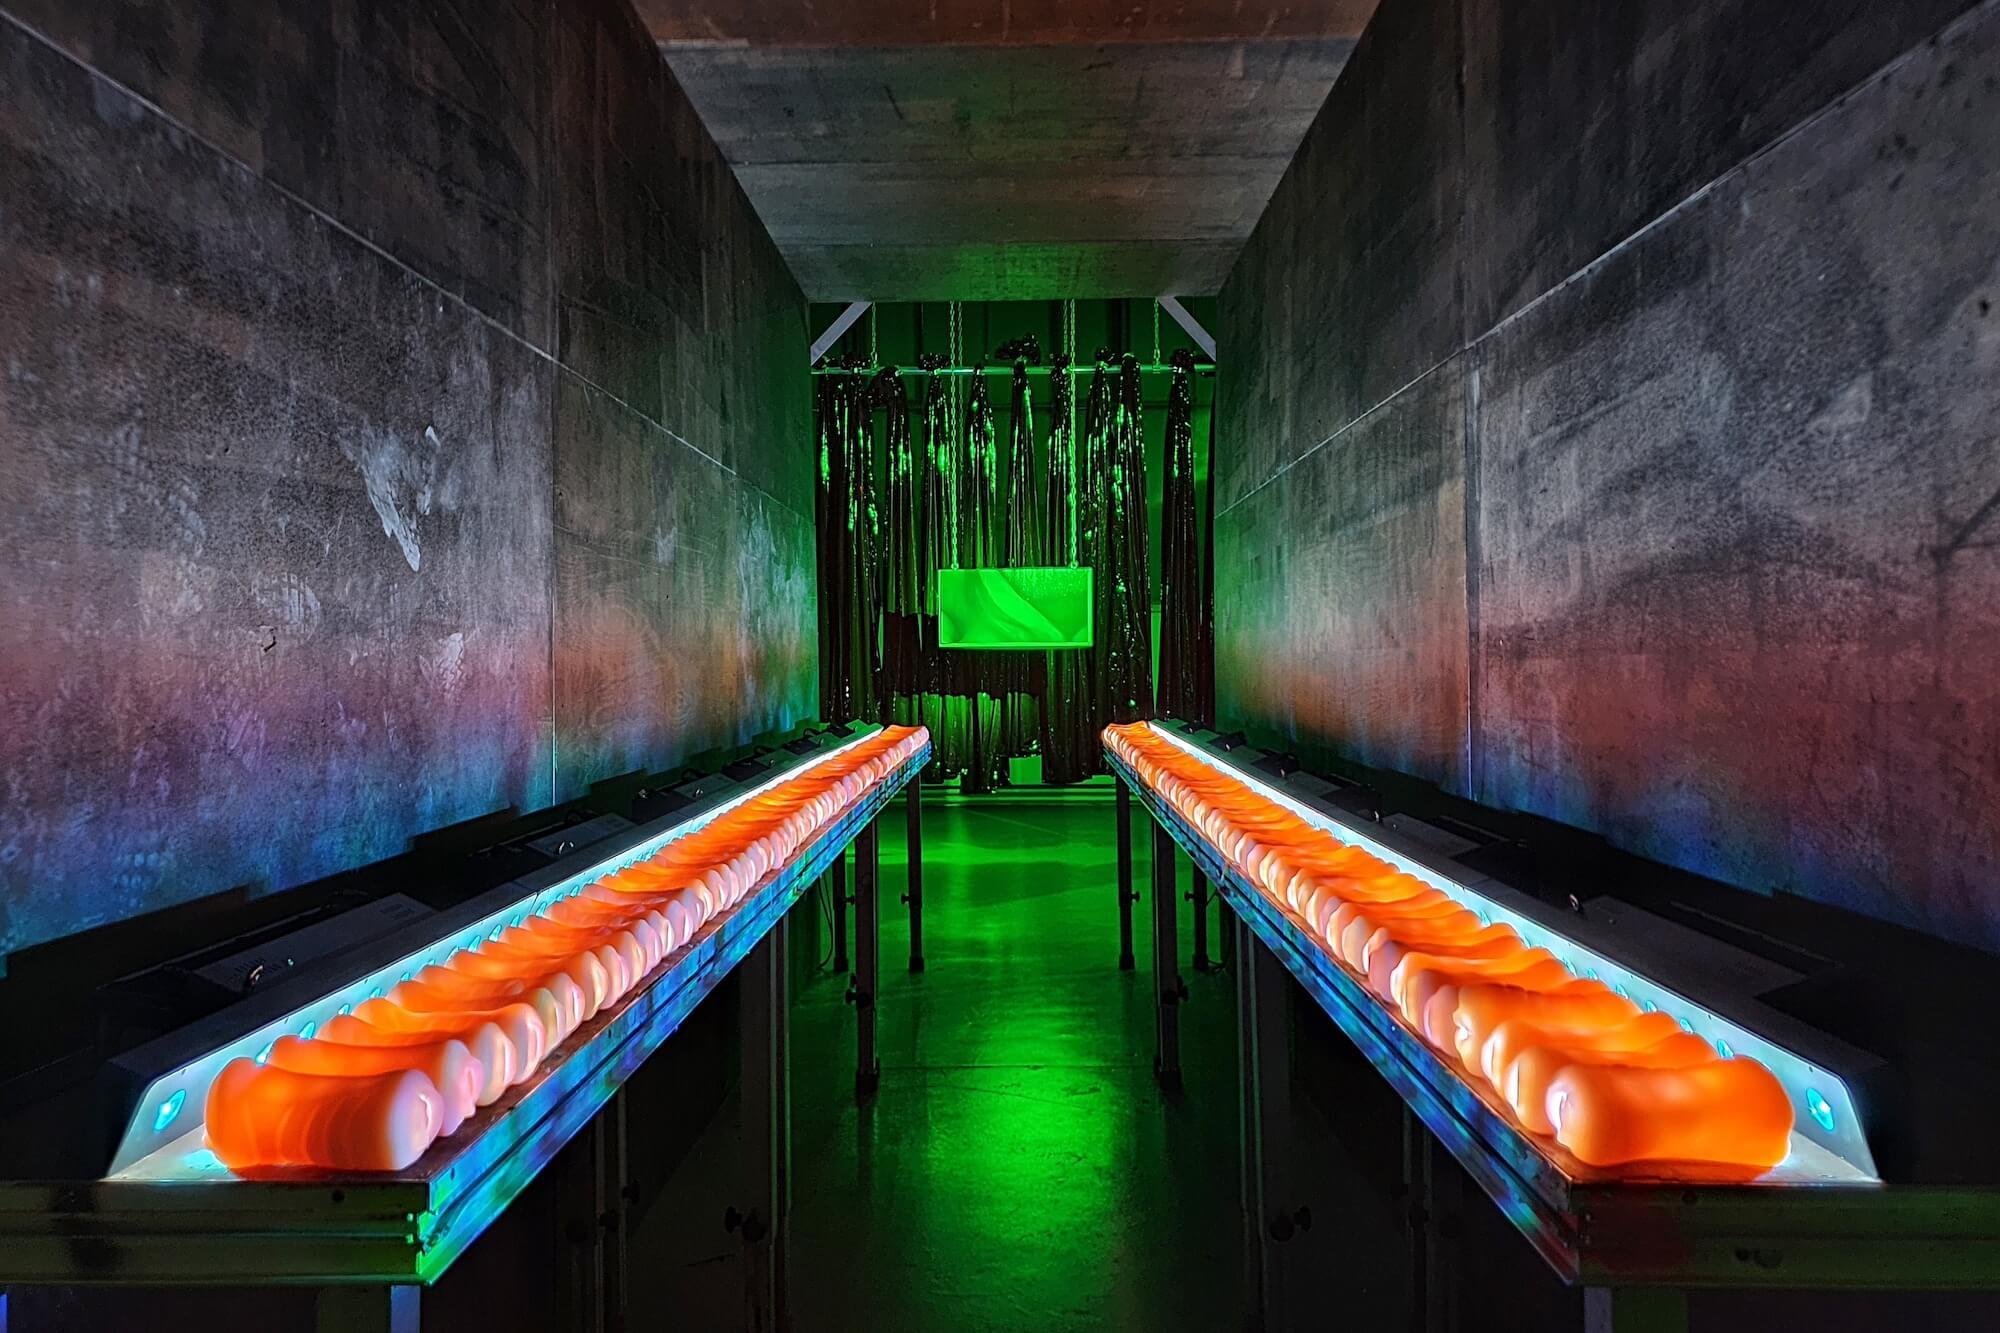 """Die Sängerin und Performance-Künstlerin Peaches betritt mit der Ausstellung """"Whose Jizz is This?"""" im Hamburger Kunstverein ein neues künstlerisches Feld"""